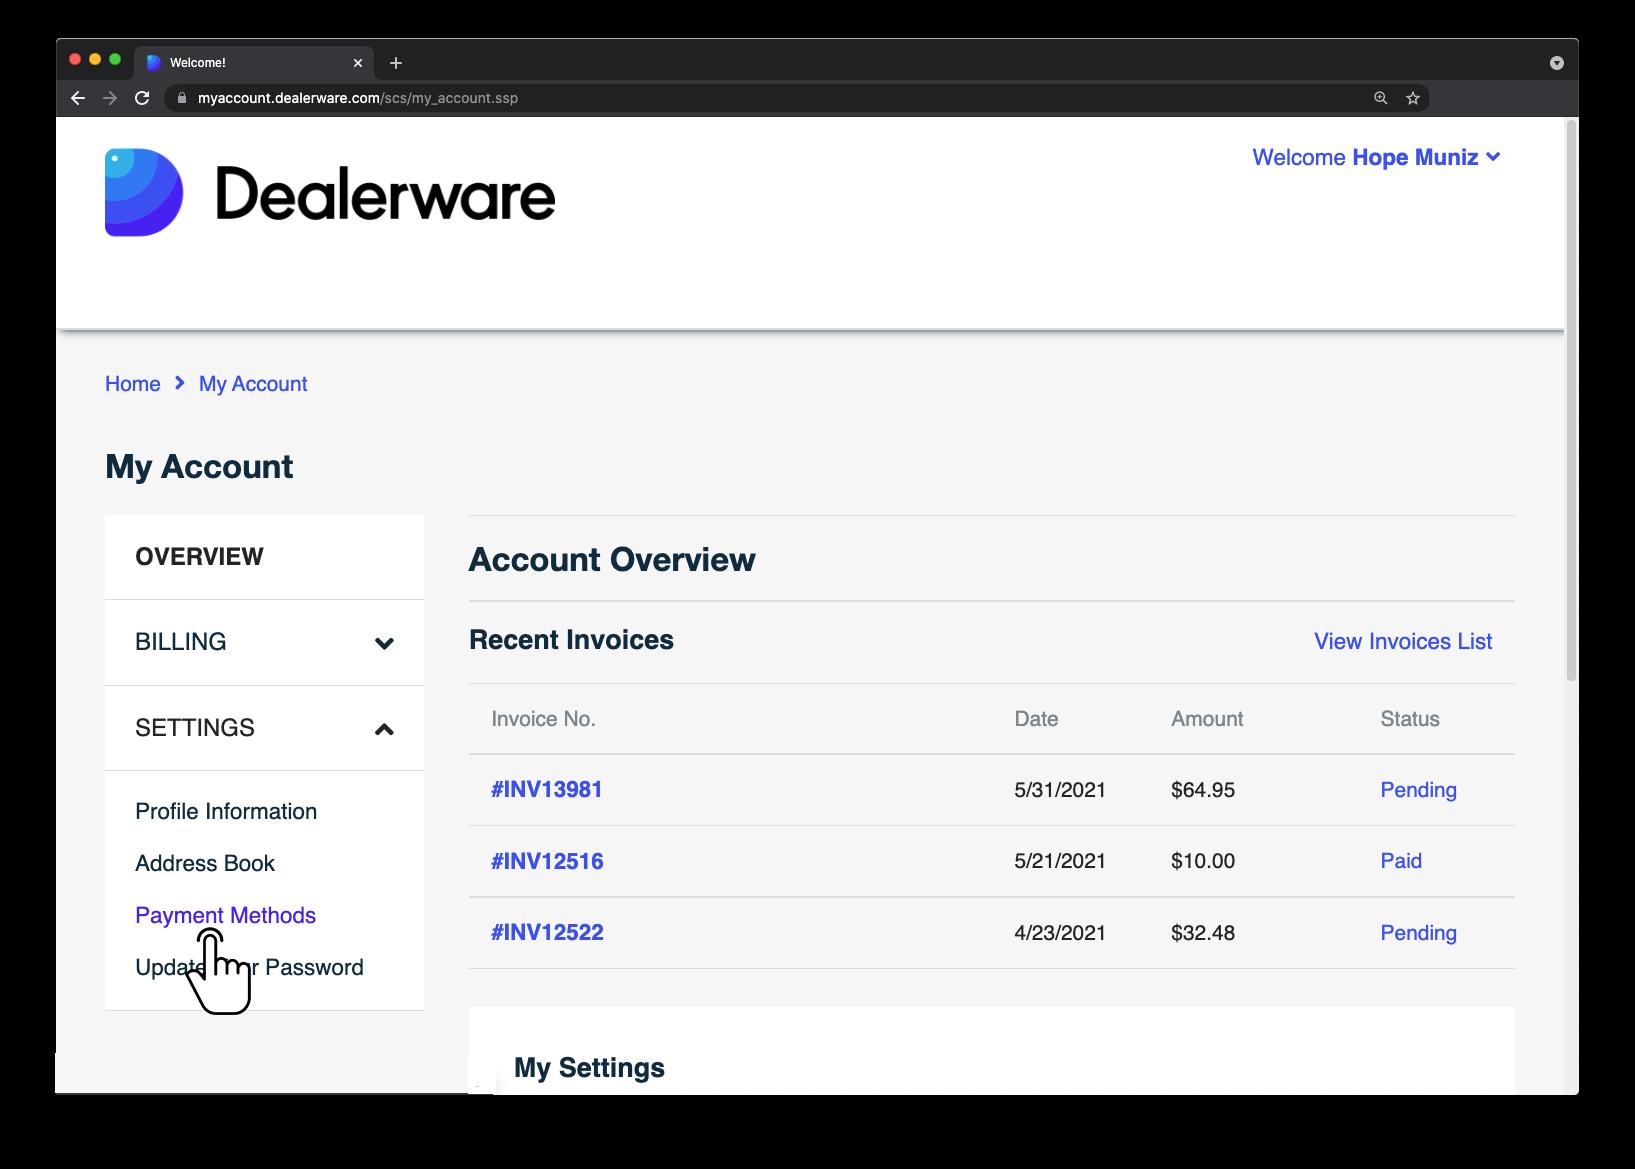 Image2: Écran MonCompte de Dealerware, icône de doigt positionnée sur l'option Méthodes de paiement sous l'option Paramètres dans le menu déroulant Aperçu